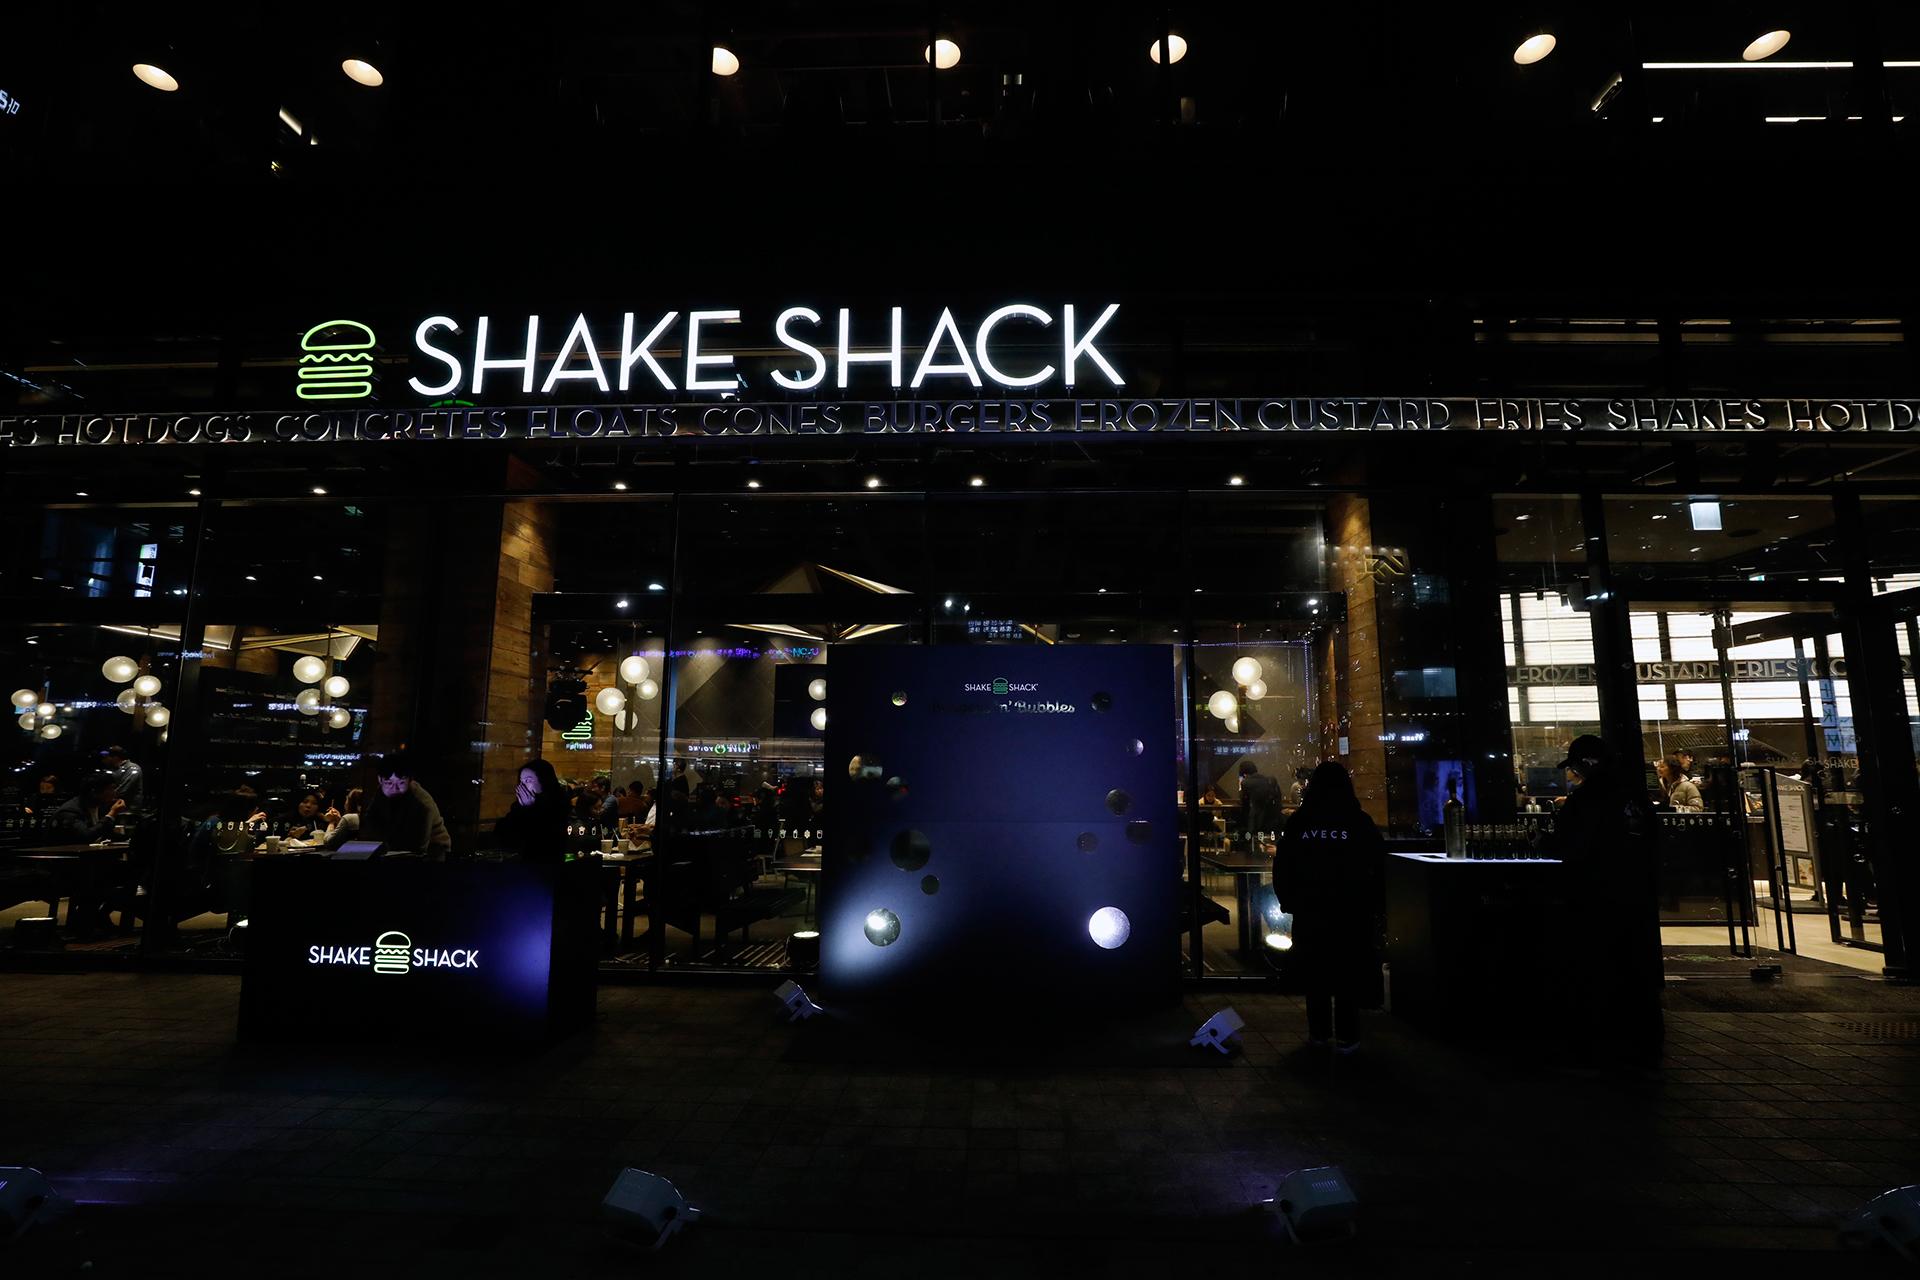 SHAKESHACK Burgers